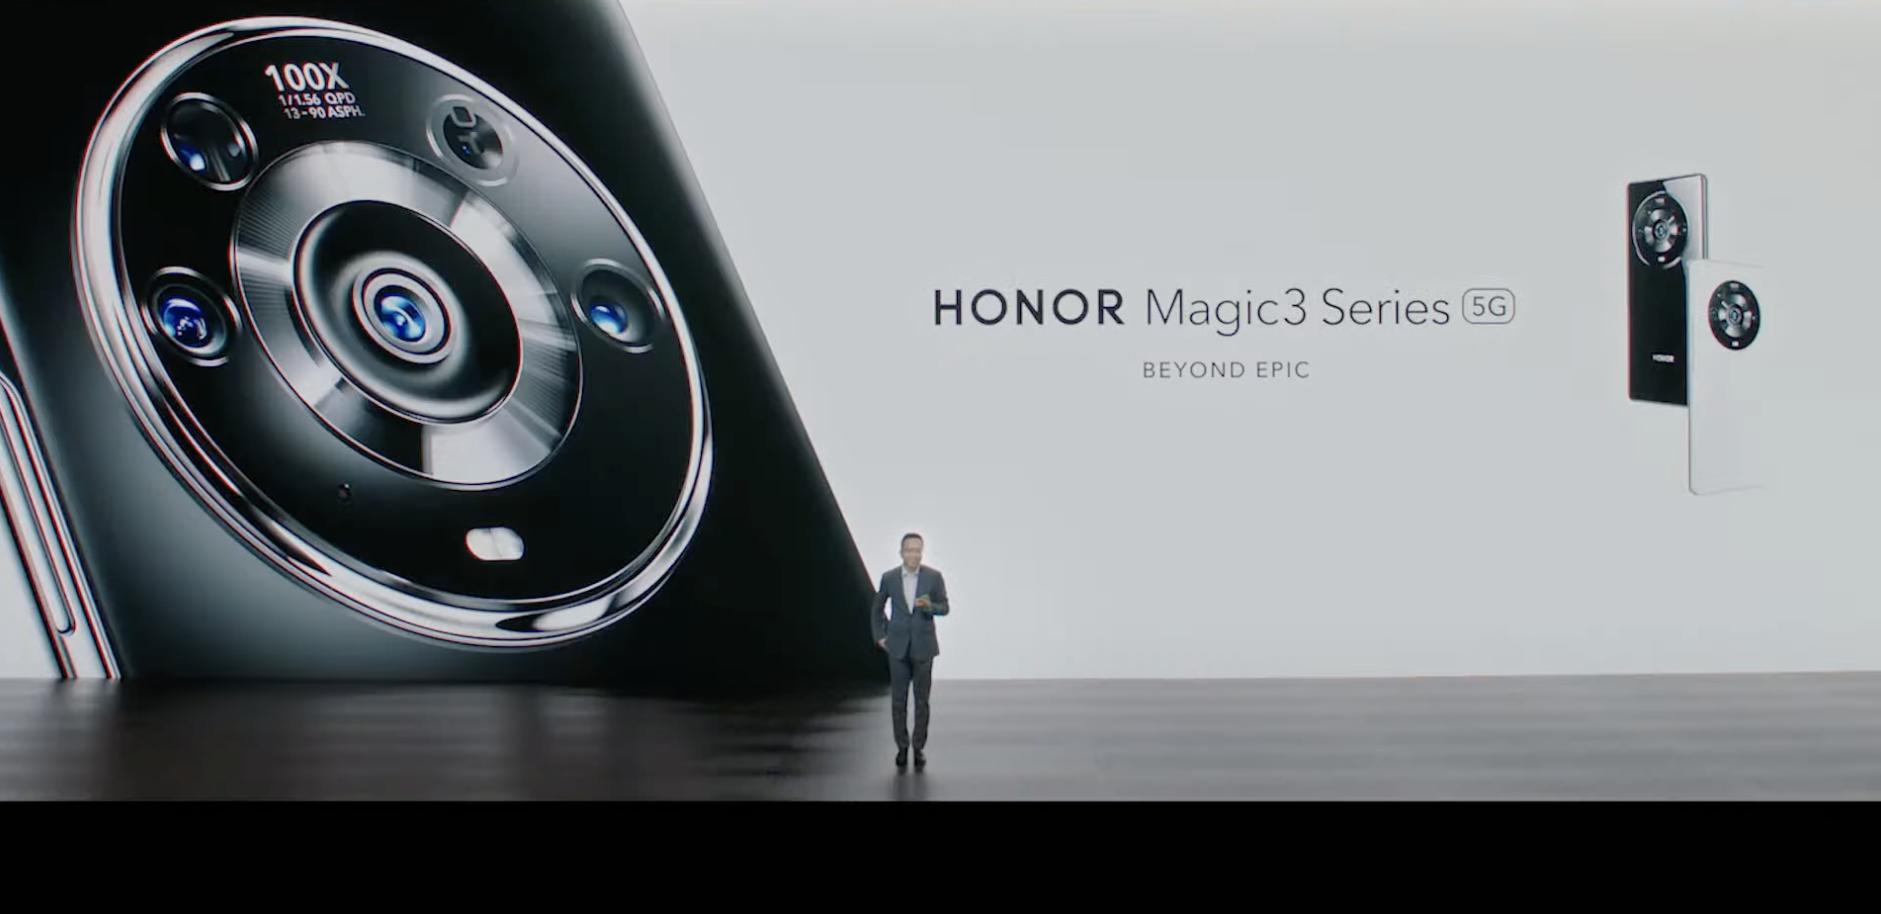 Honor julkisti Magic3-sarjan huippupuhelimet.